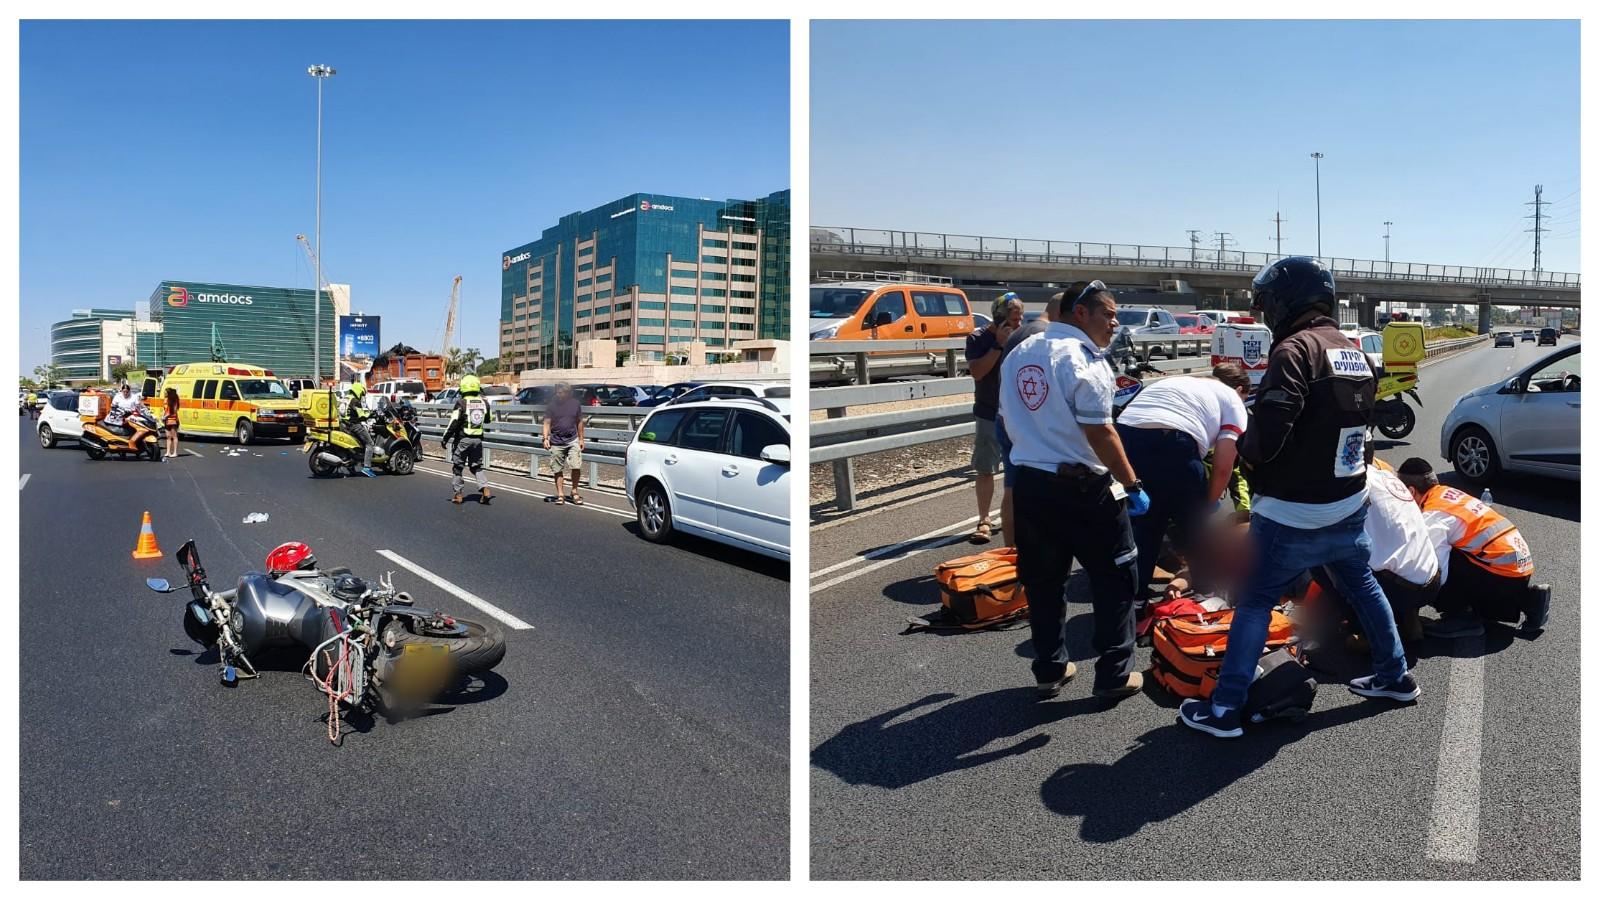 תאונת אופנוע בכביש 4. צילום: דוברות איחוד והצלה